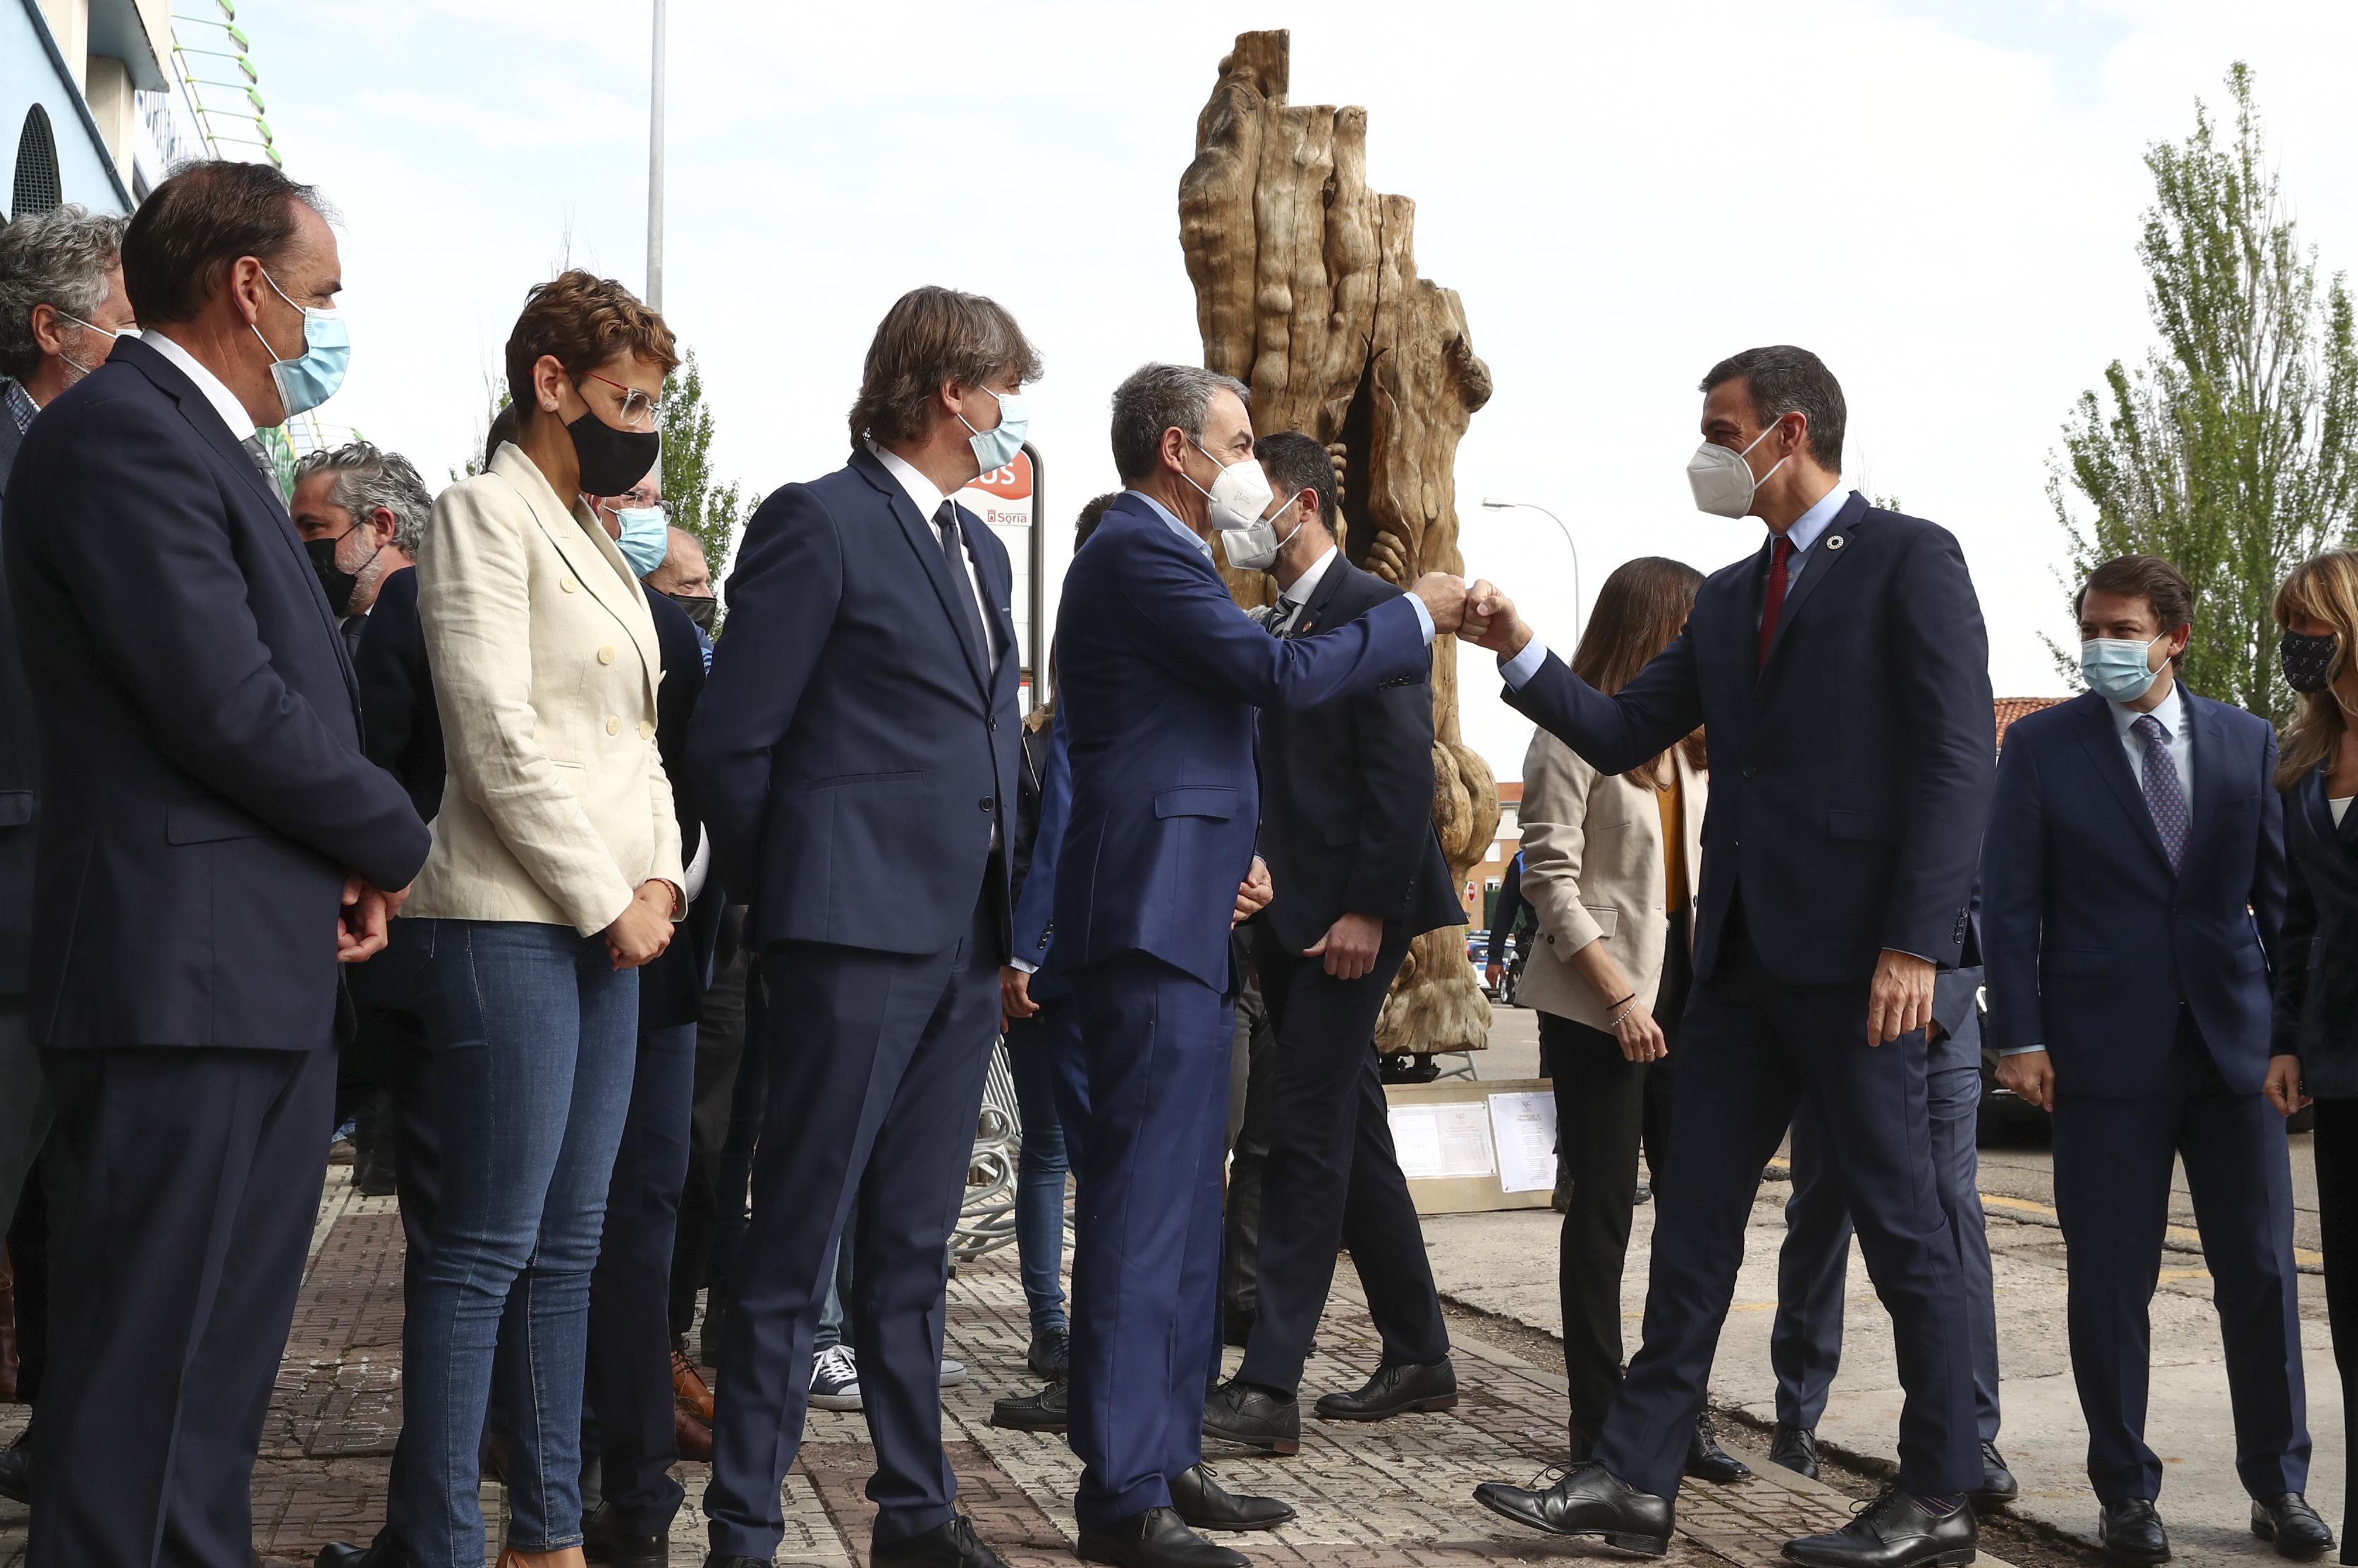 Sánchez saluda a Zapatero y otras autoridades a su llegada a la cumbre en Soria.